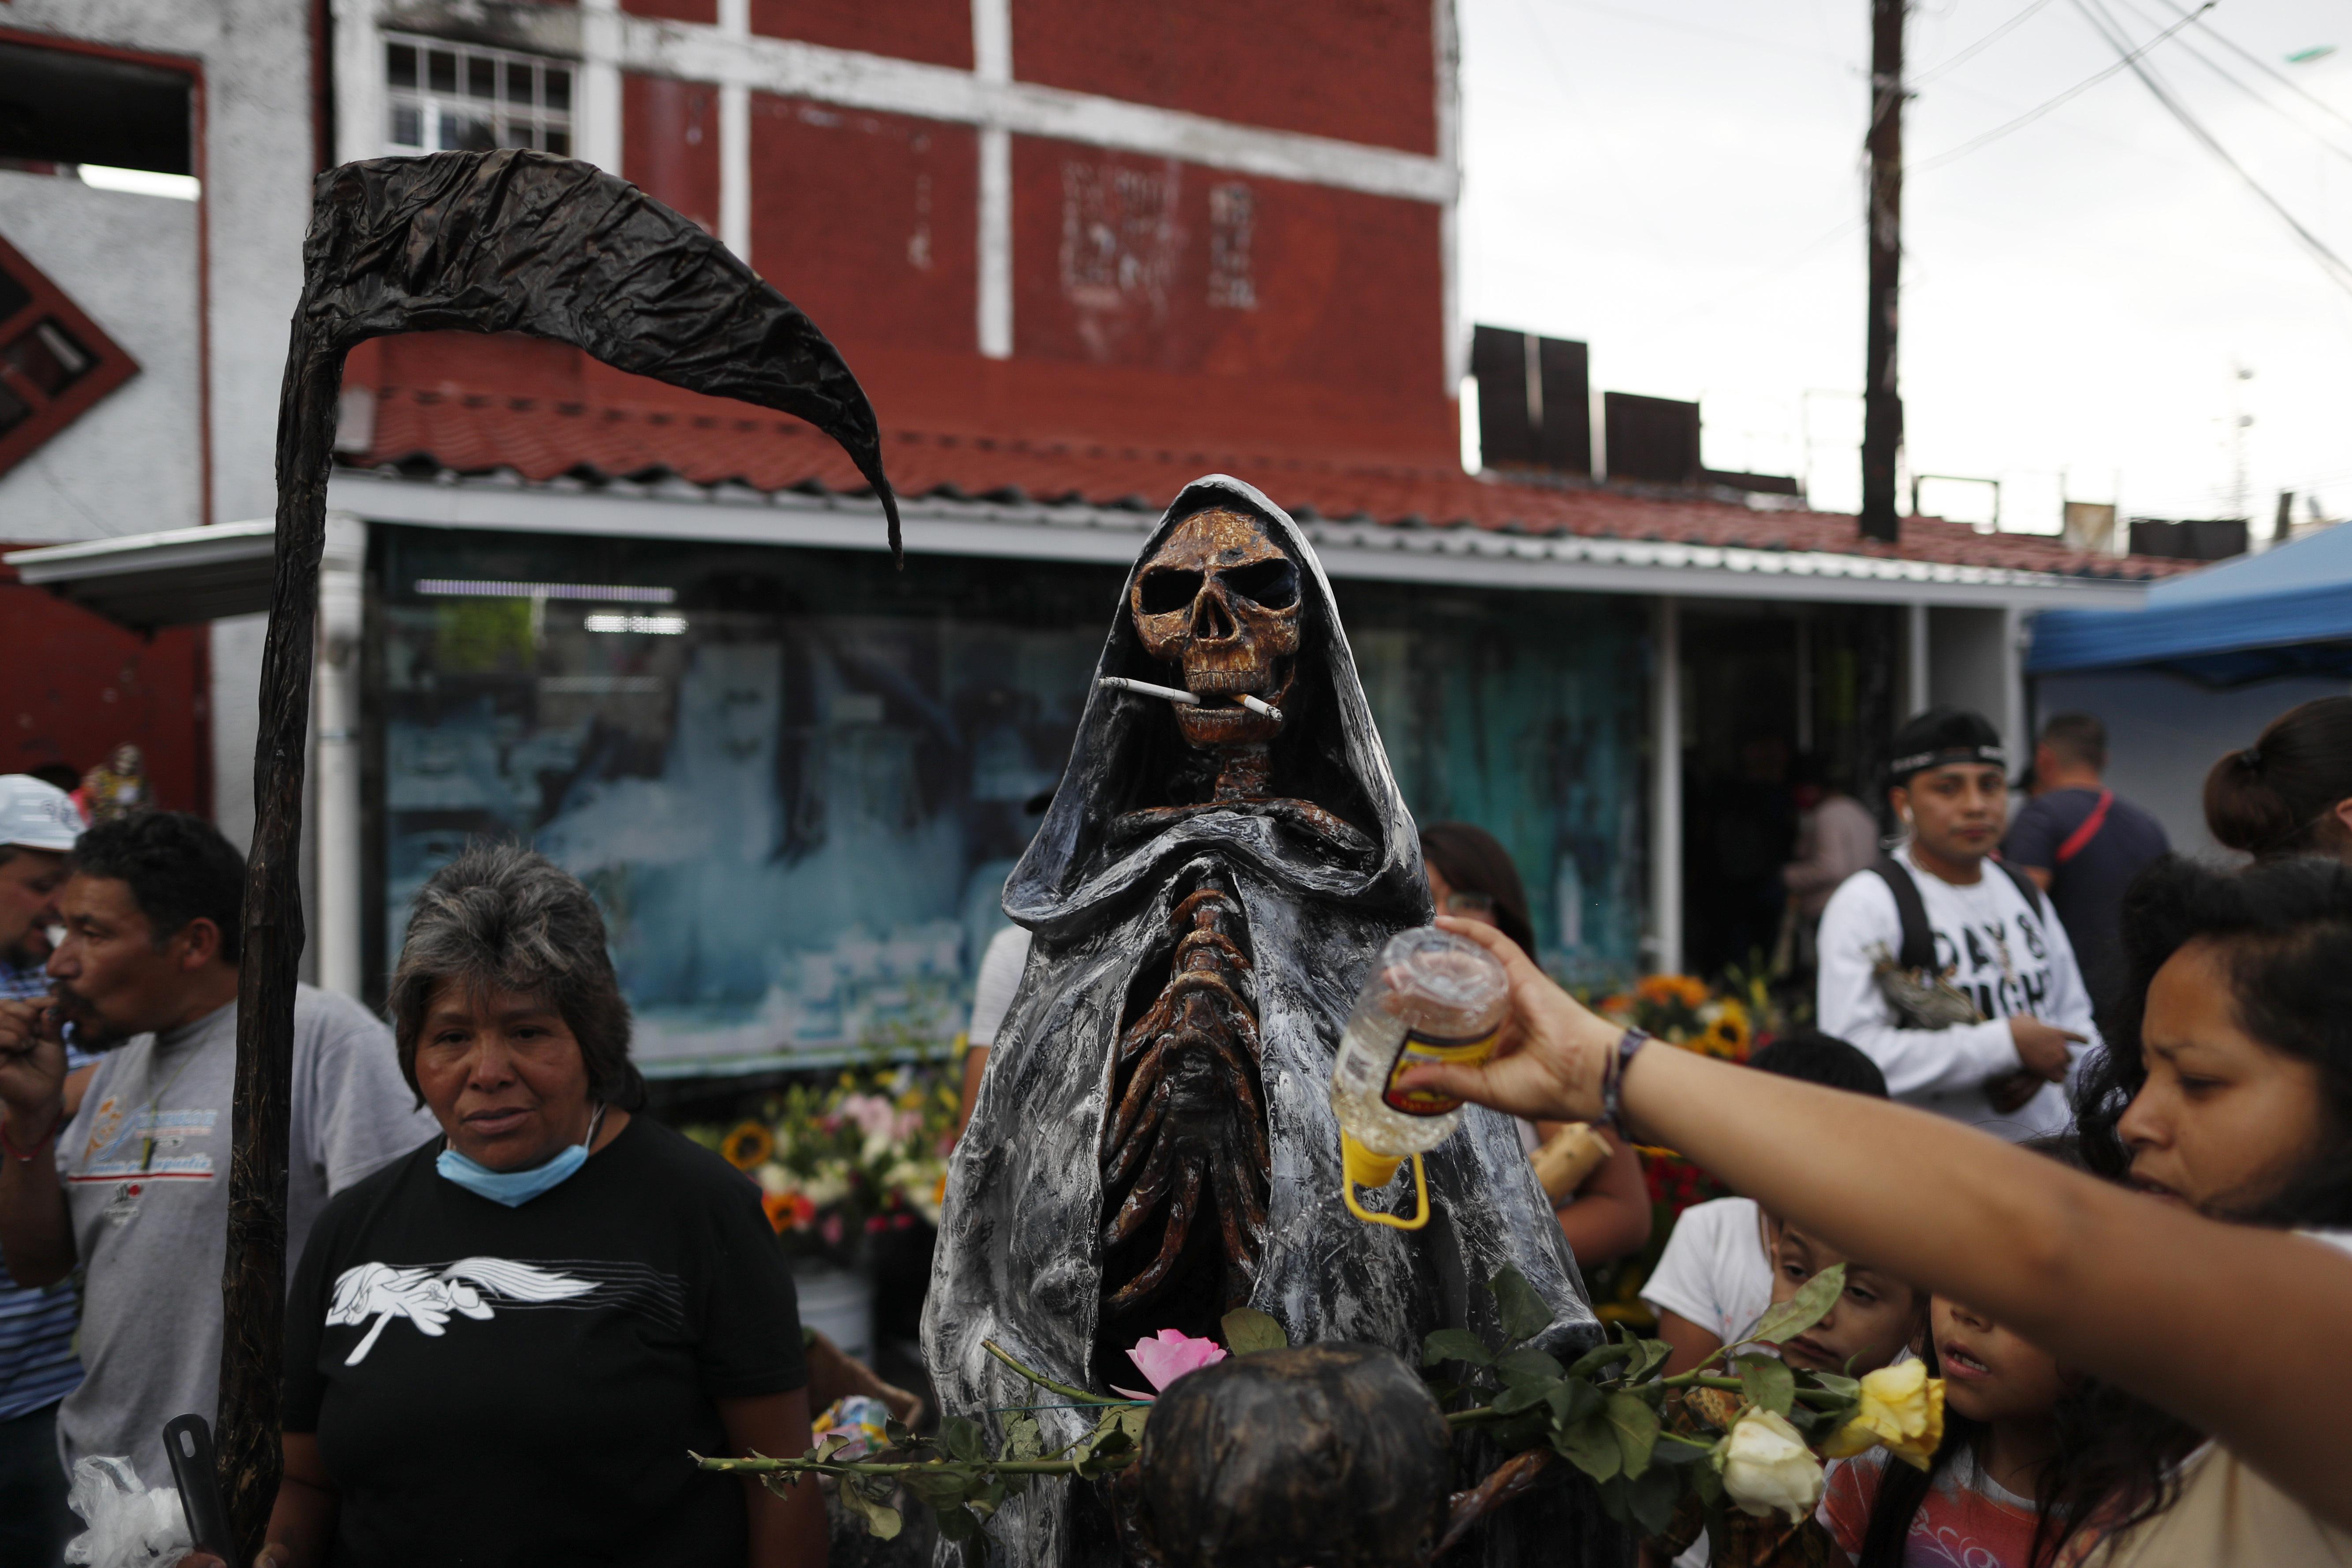 Una mujer arroja alcohol sobre una estatua de la Santa Muerte, o la Santa de la Muerte, cuya boca sostiene dos cigarrillos encendidos que dejaron otros devotos, fuera de su altar en el barrio de Tepito, Ciudad de México, el lunes 1 de junio de 2020. (Foto: AP / Rebecca Blackwell)